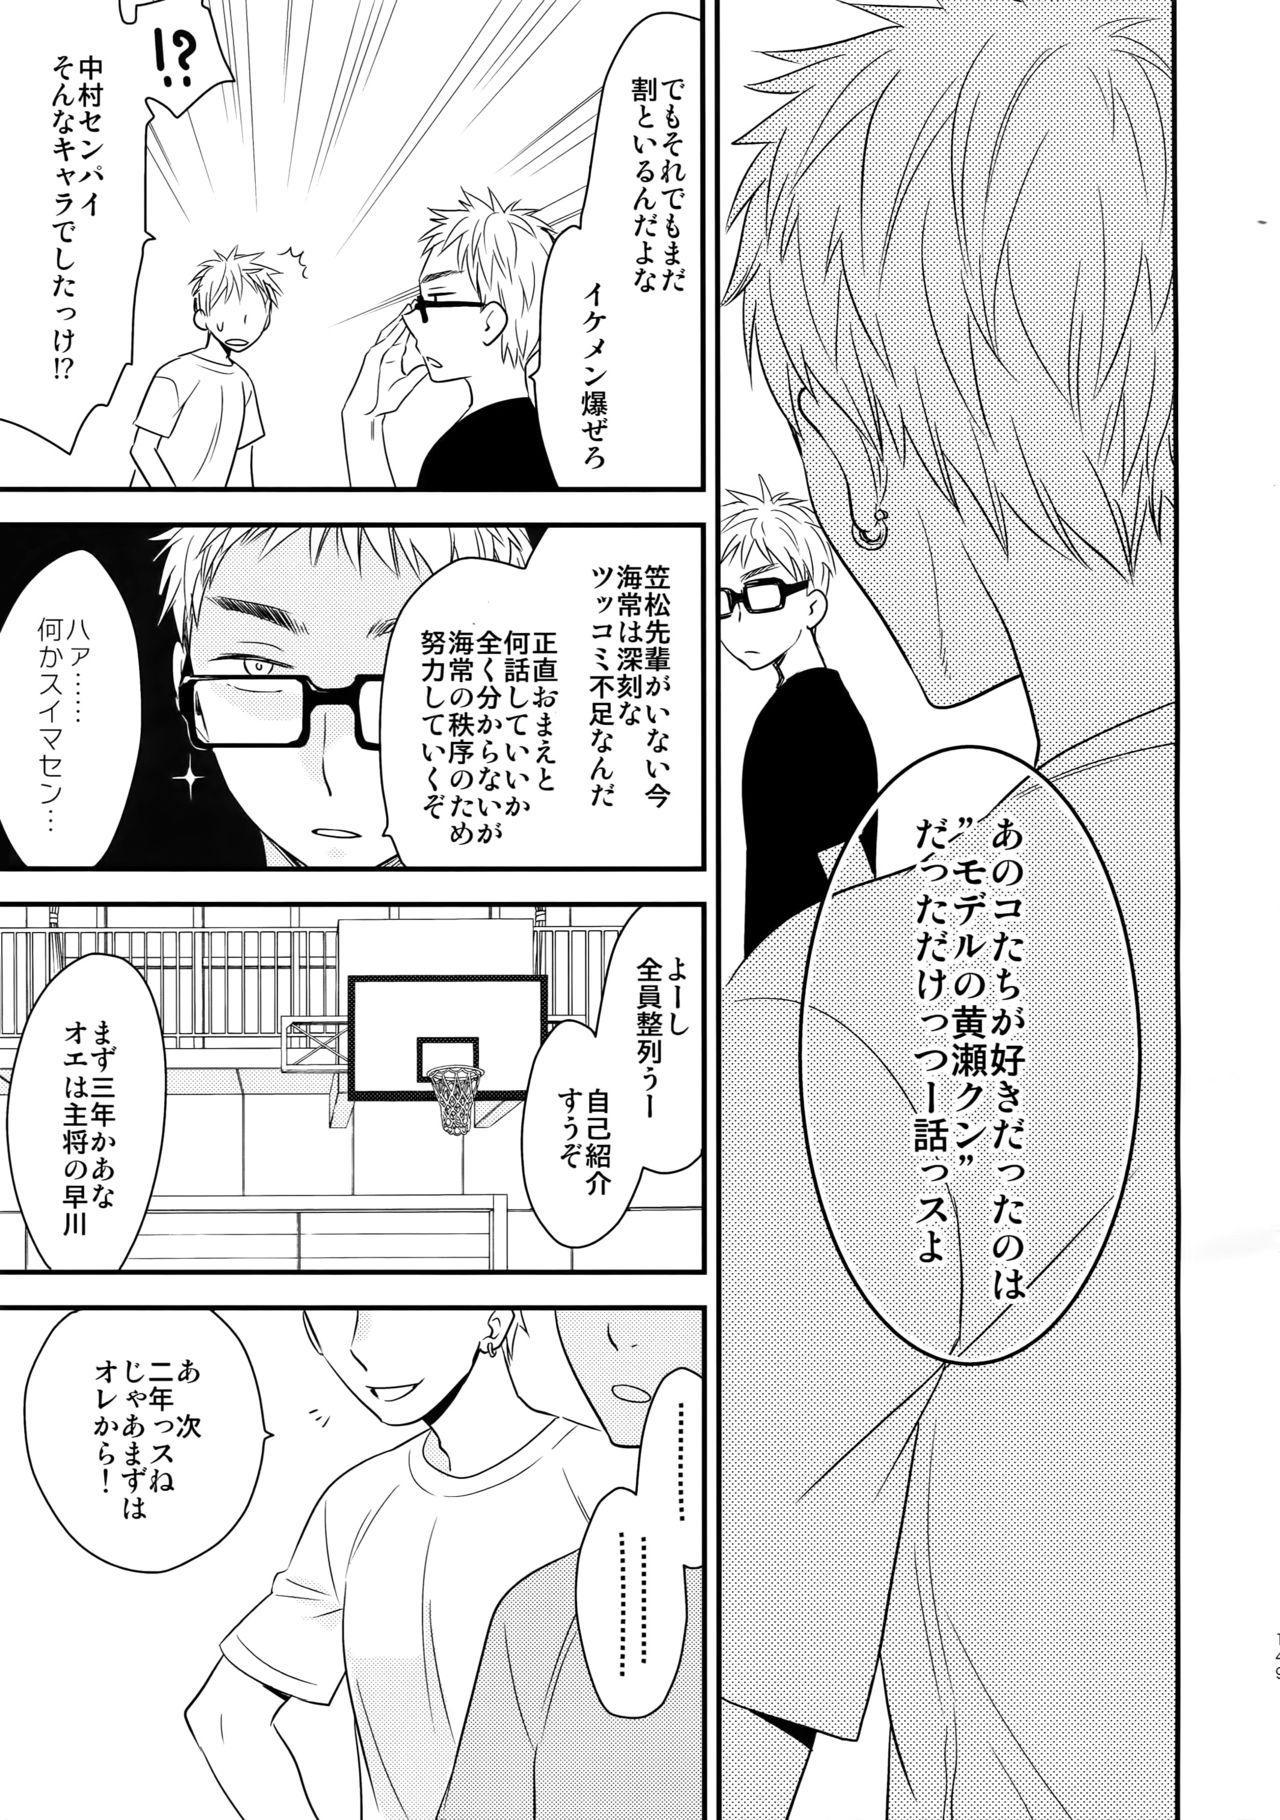 [Bakuchi Jinsei SP (Satsuki Fumi)] Kanpeki Kareshi to Zettai Ryouiki Ouji-sama - Another Version - (Kuroko no Basket) 147